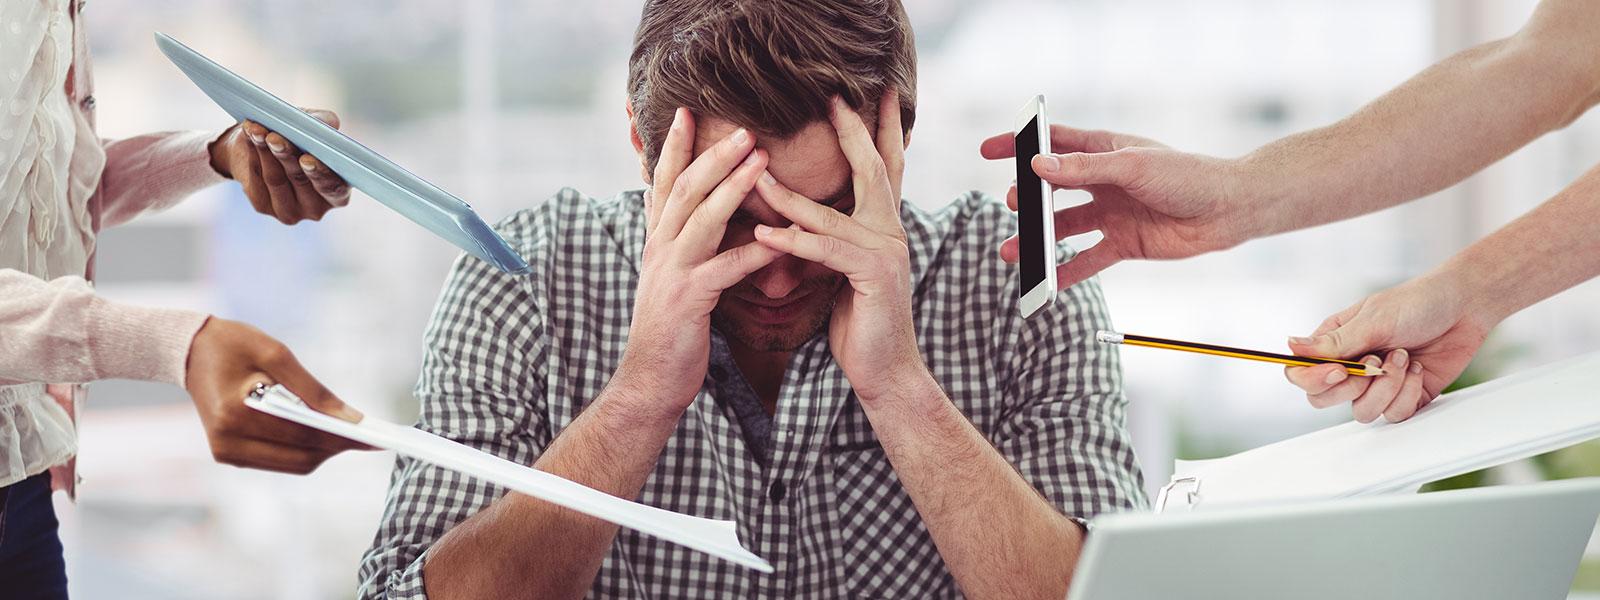 Как предотвратить развитие психического заболевания: полезные советы